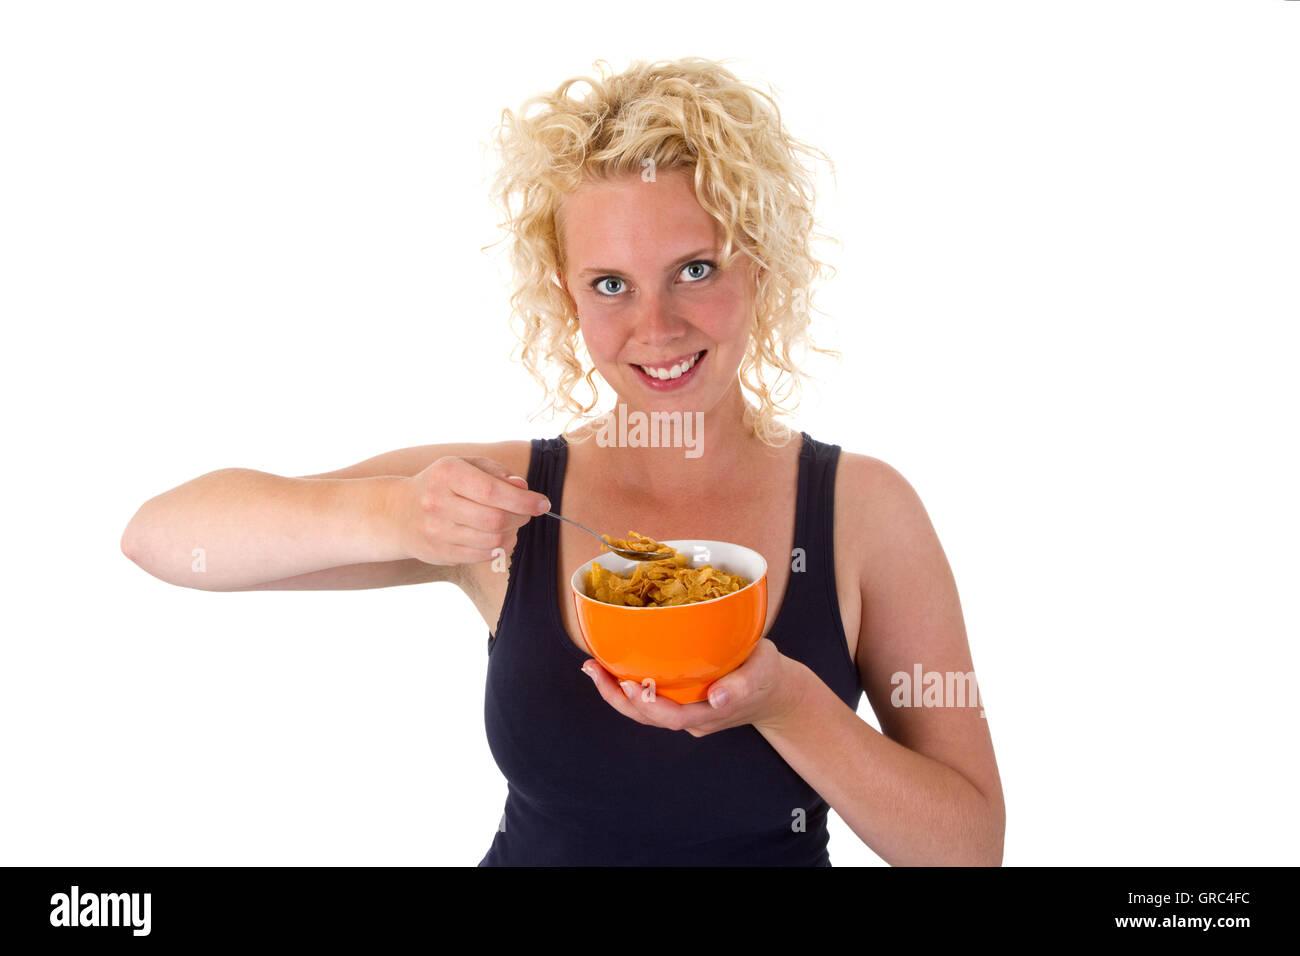 Junge Frau aus einer Schüssel Cornflakes zu essen Stockbild